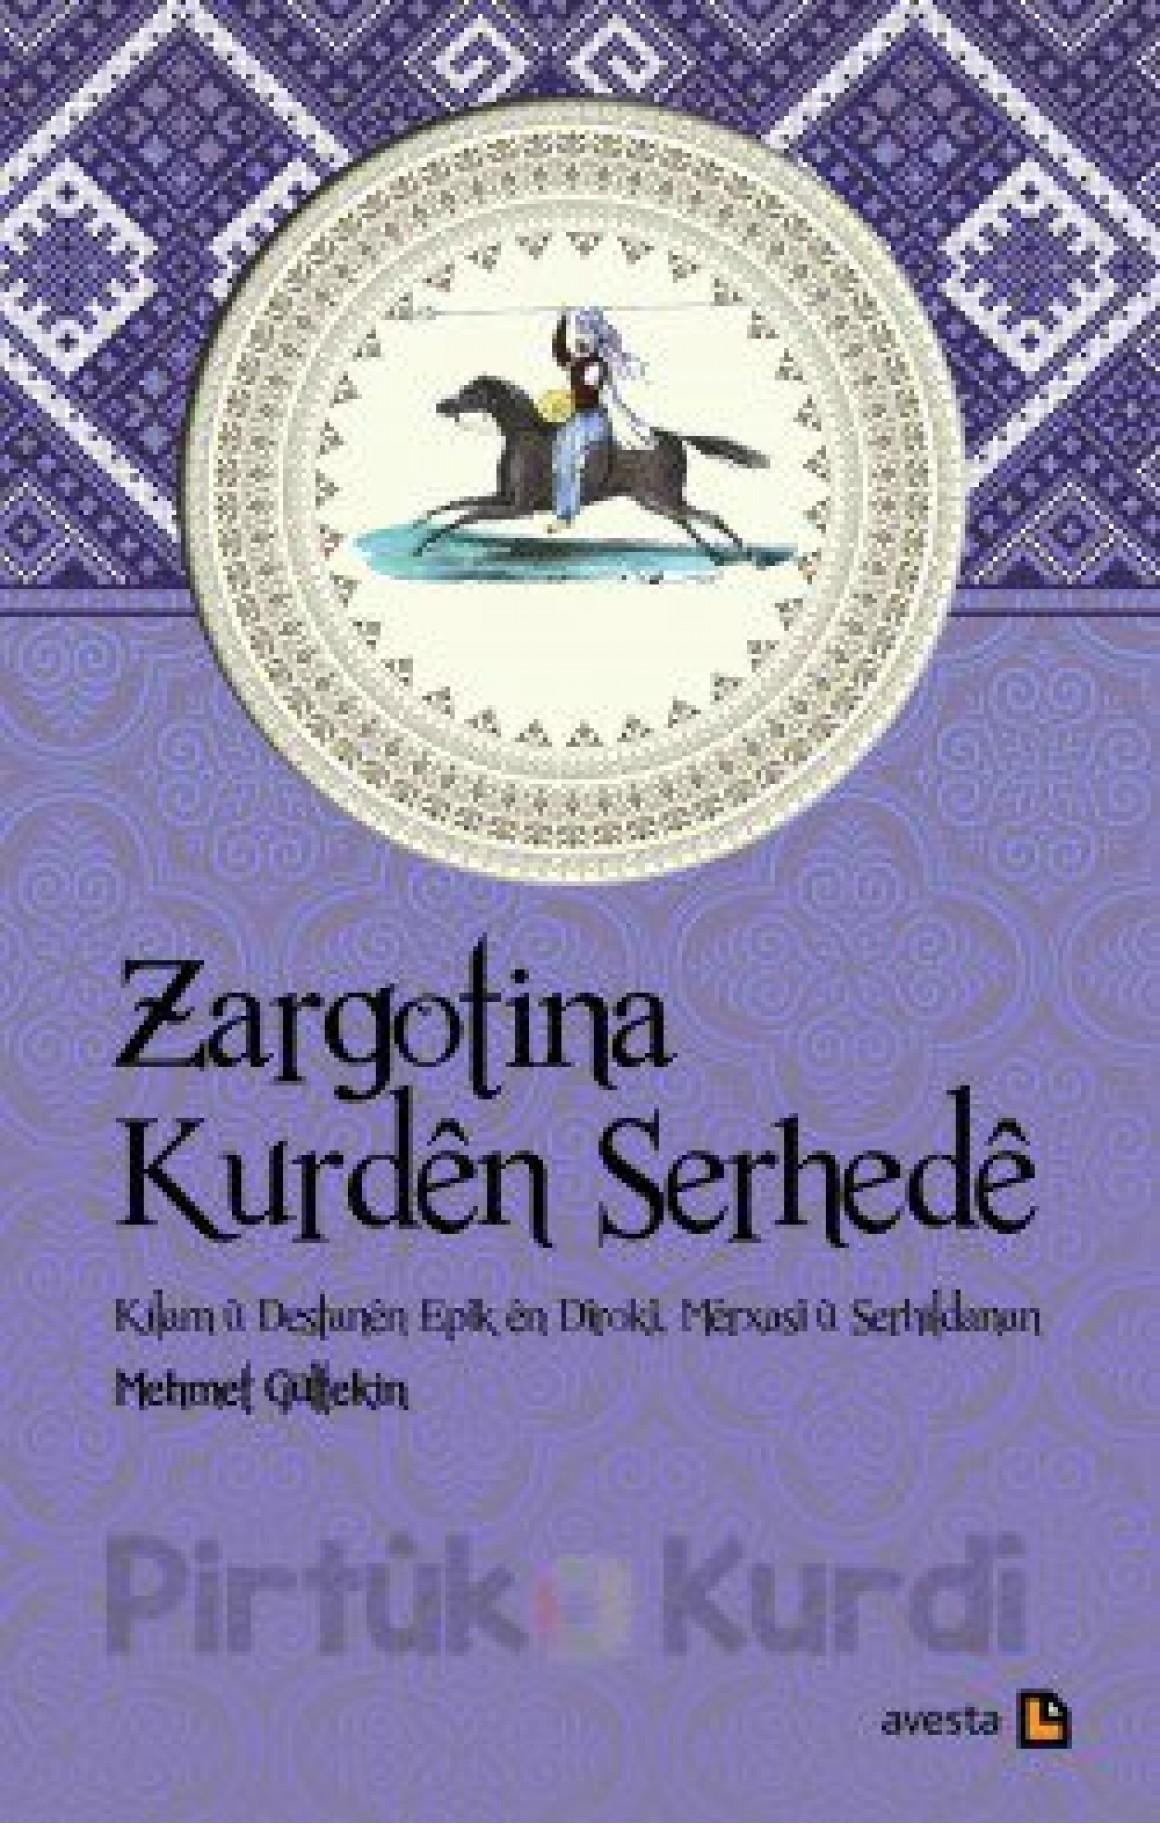 Zargotina Kurdên Serhedê